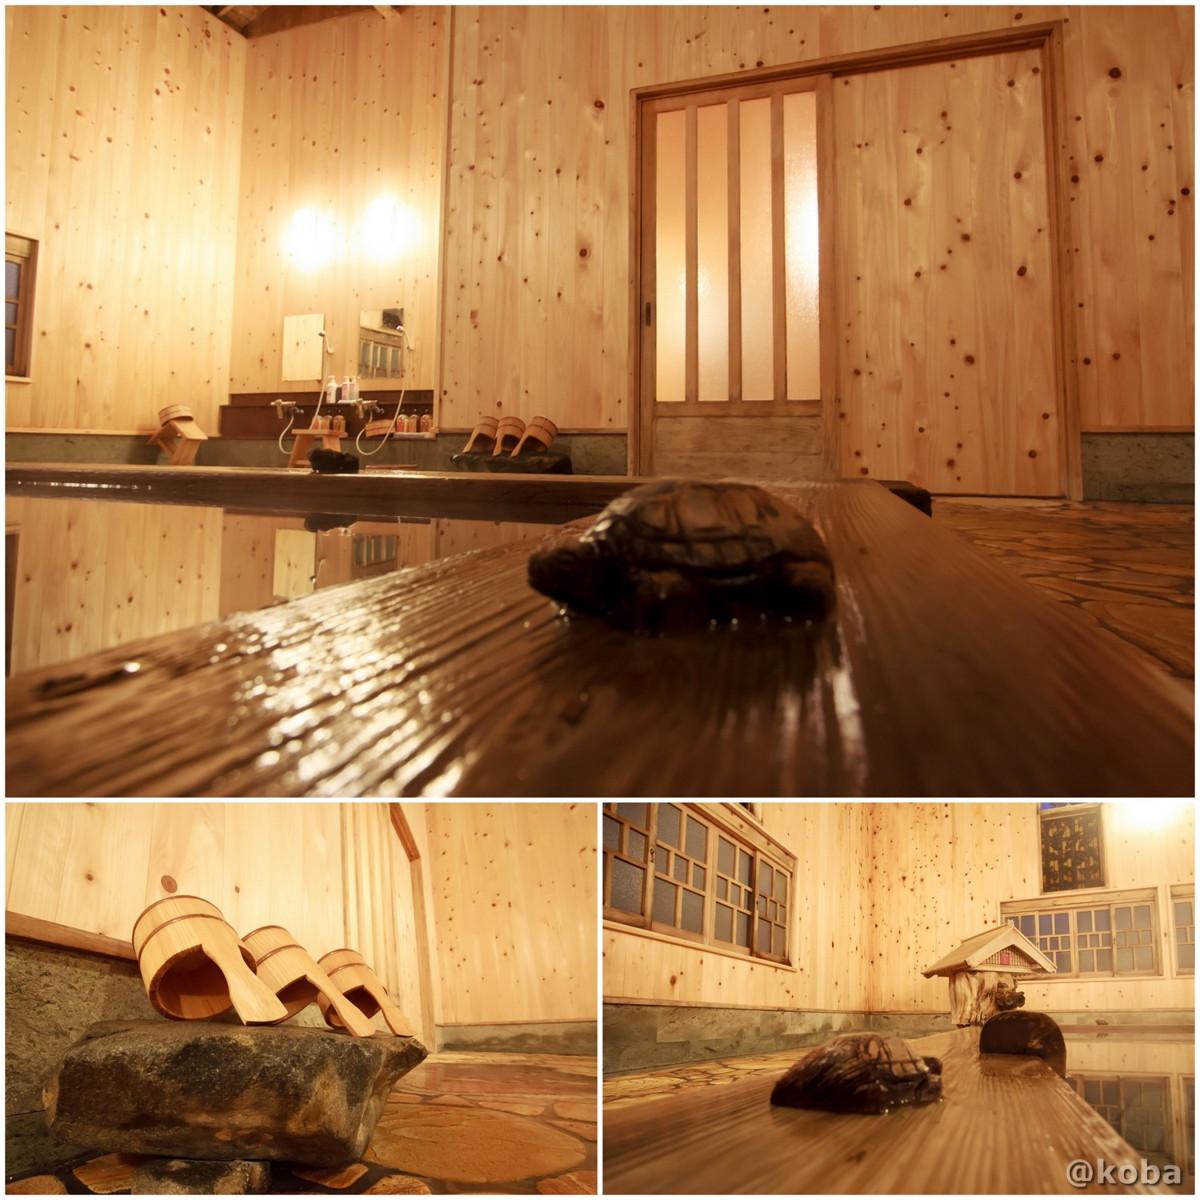 浴槽の縁にある木製の亀の写真│たんげ温泉 美郷館(みさとかん)│群馬県 吾妻郡